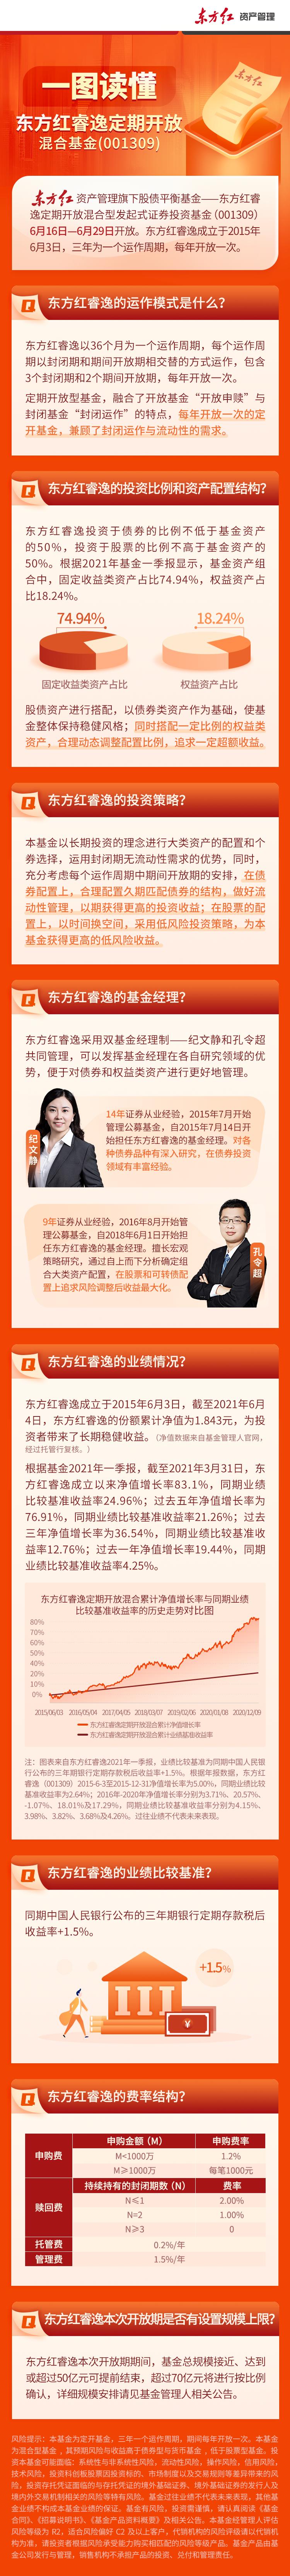 6月16日起开放 一图读懂东方红睿逸定开混合基金